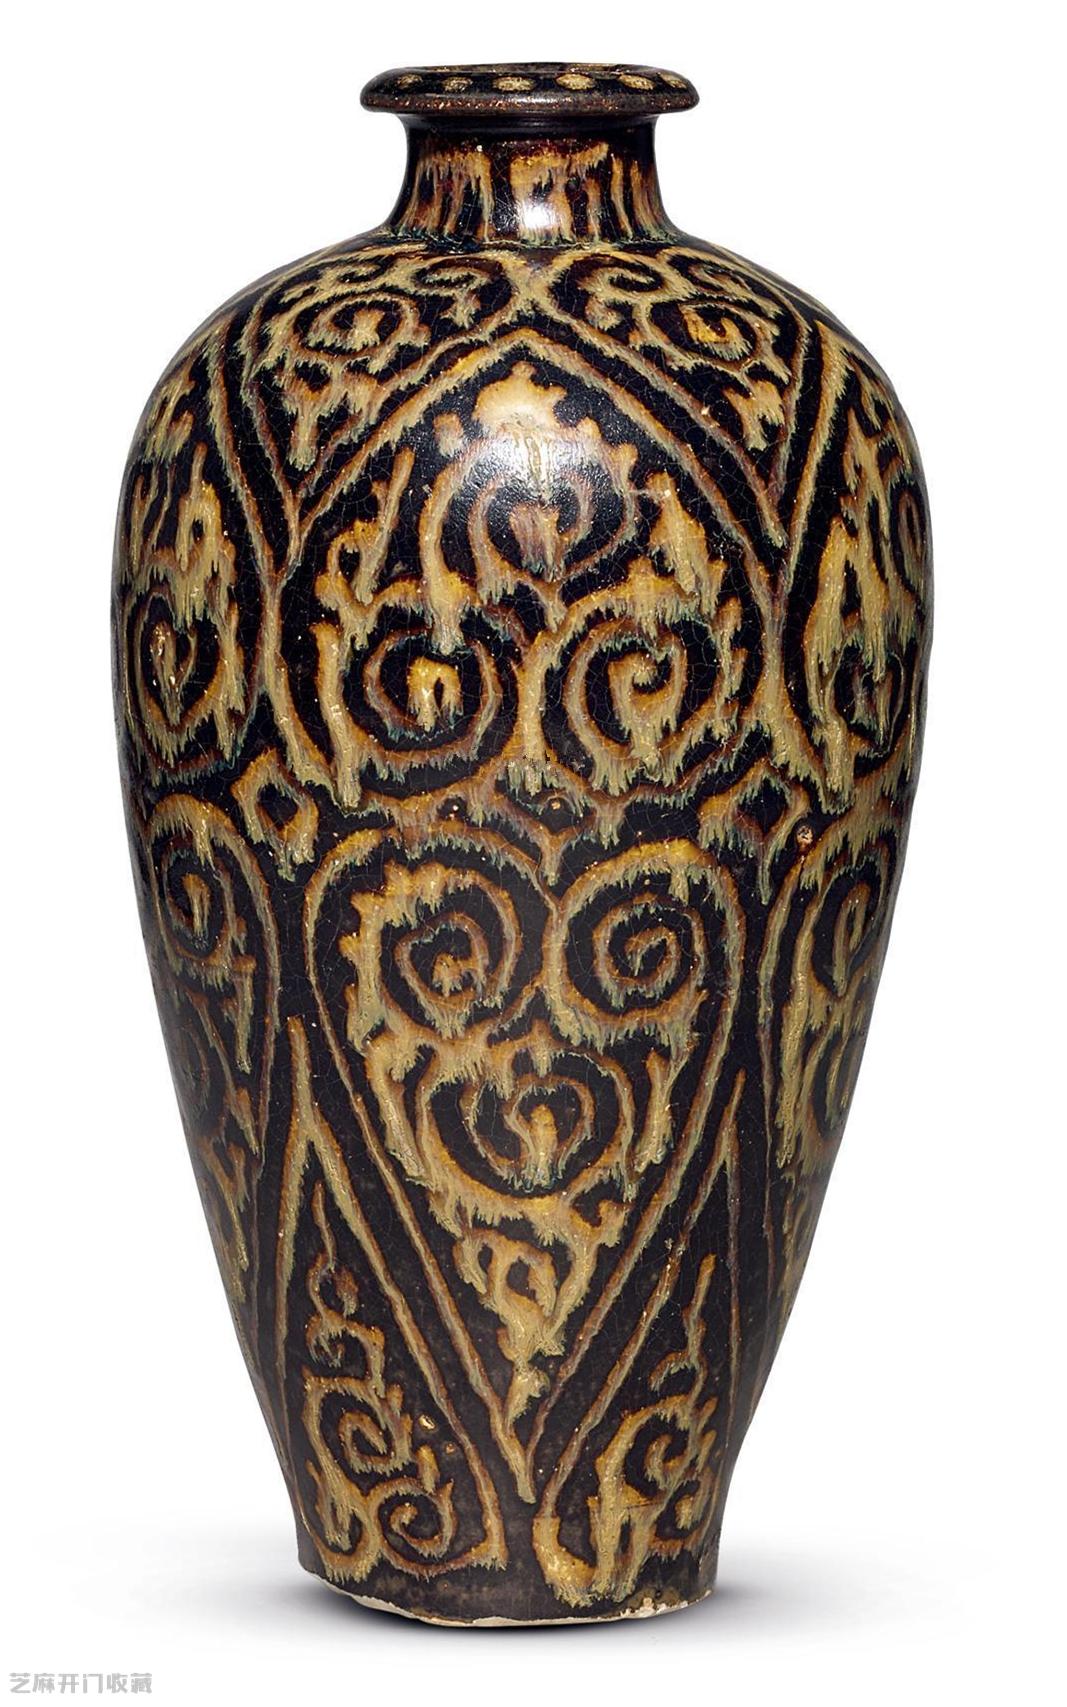 吉州窑瓷器拍卖价格如何